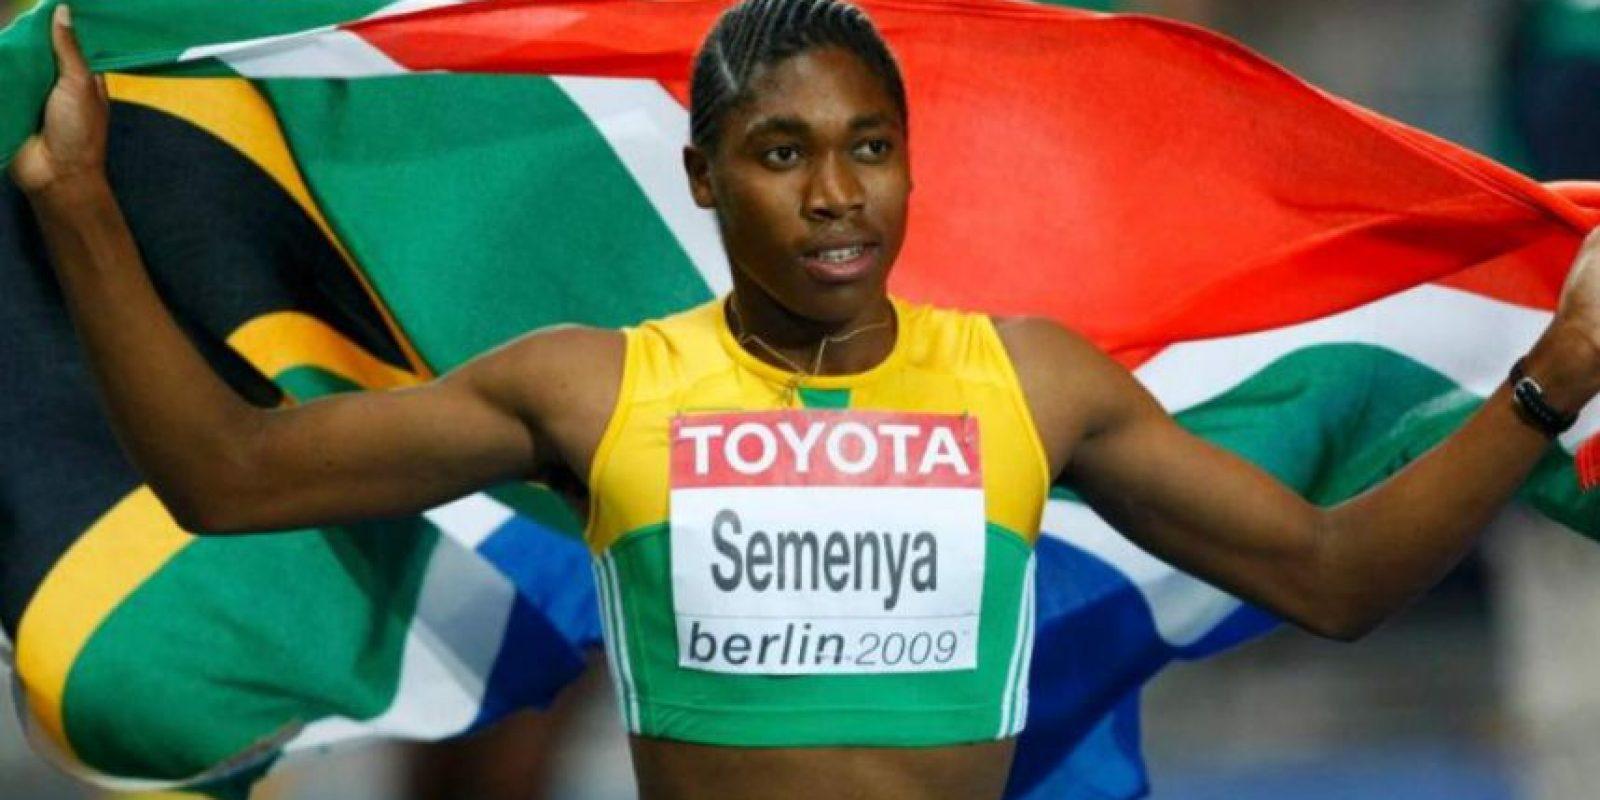 Caster Semenya – La atleta sudafricana estuvo en el ojo del huracán porque se decía que era un hombre. Foto:Getty Images